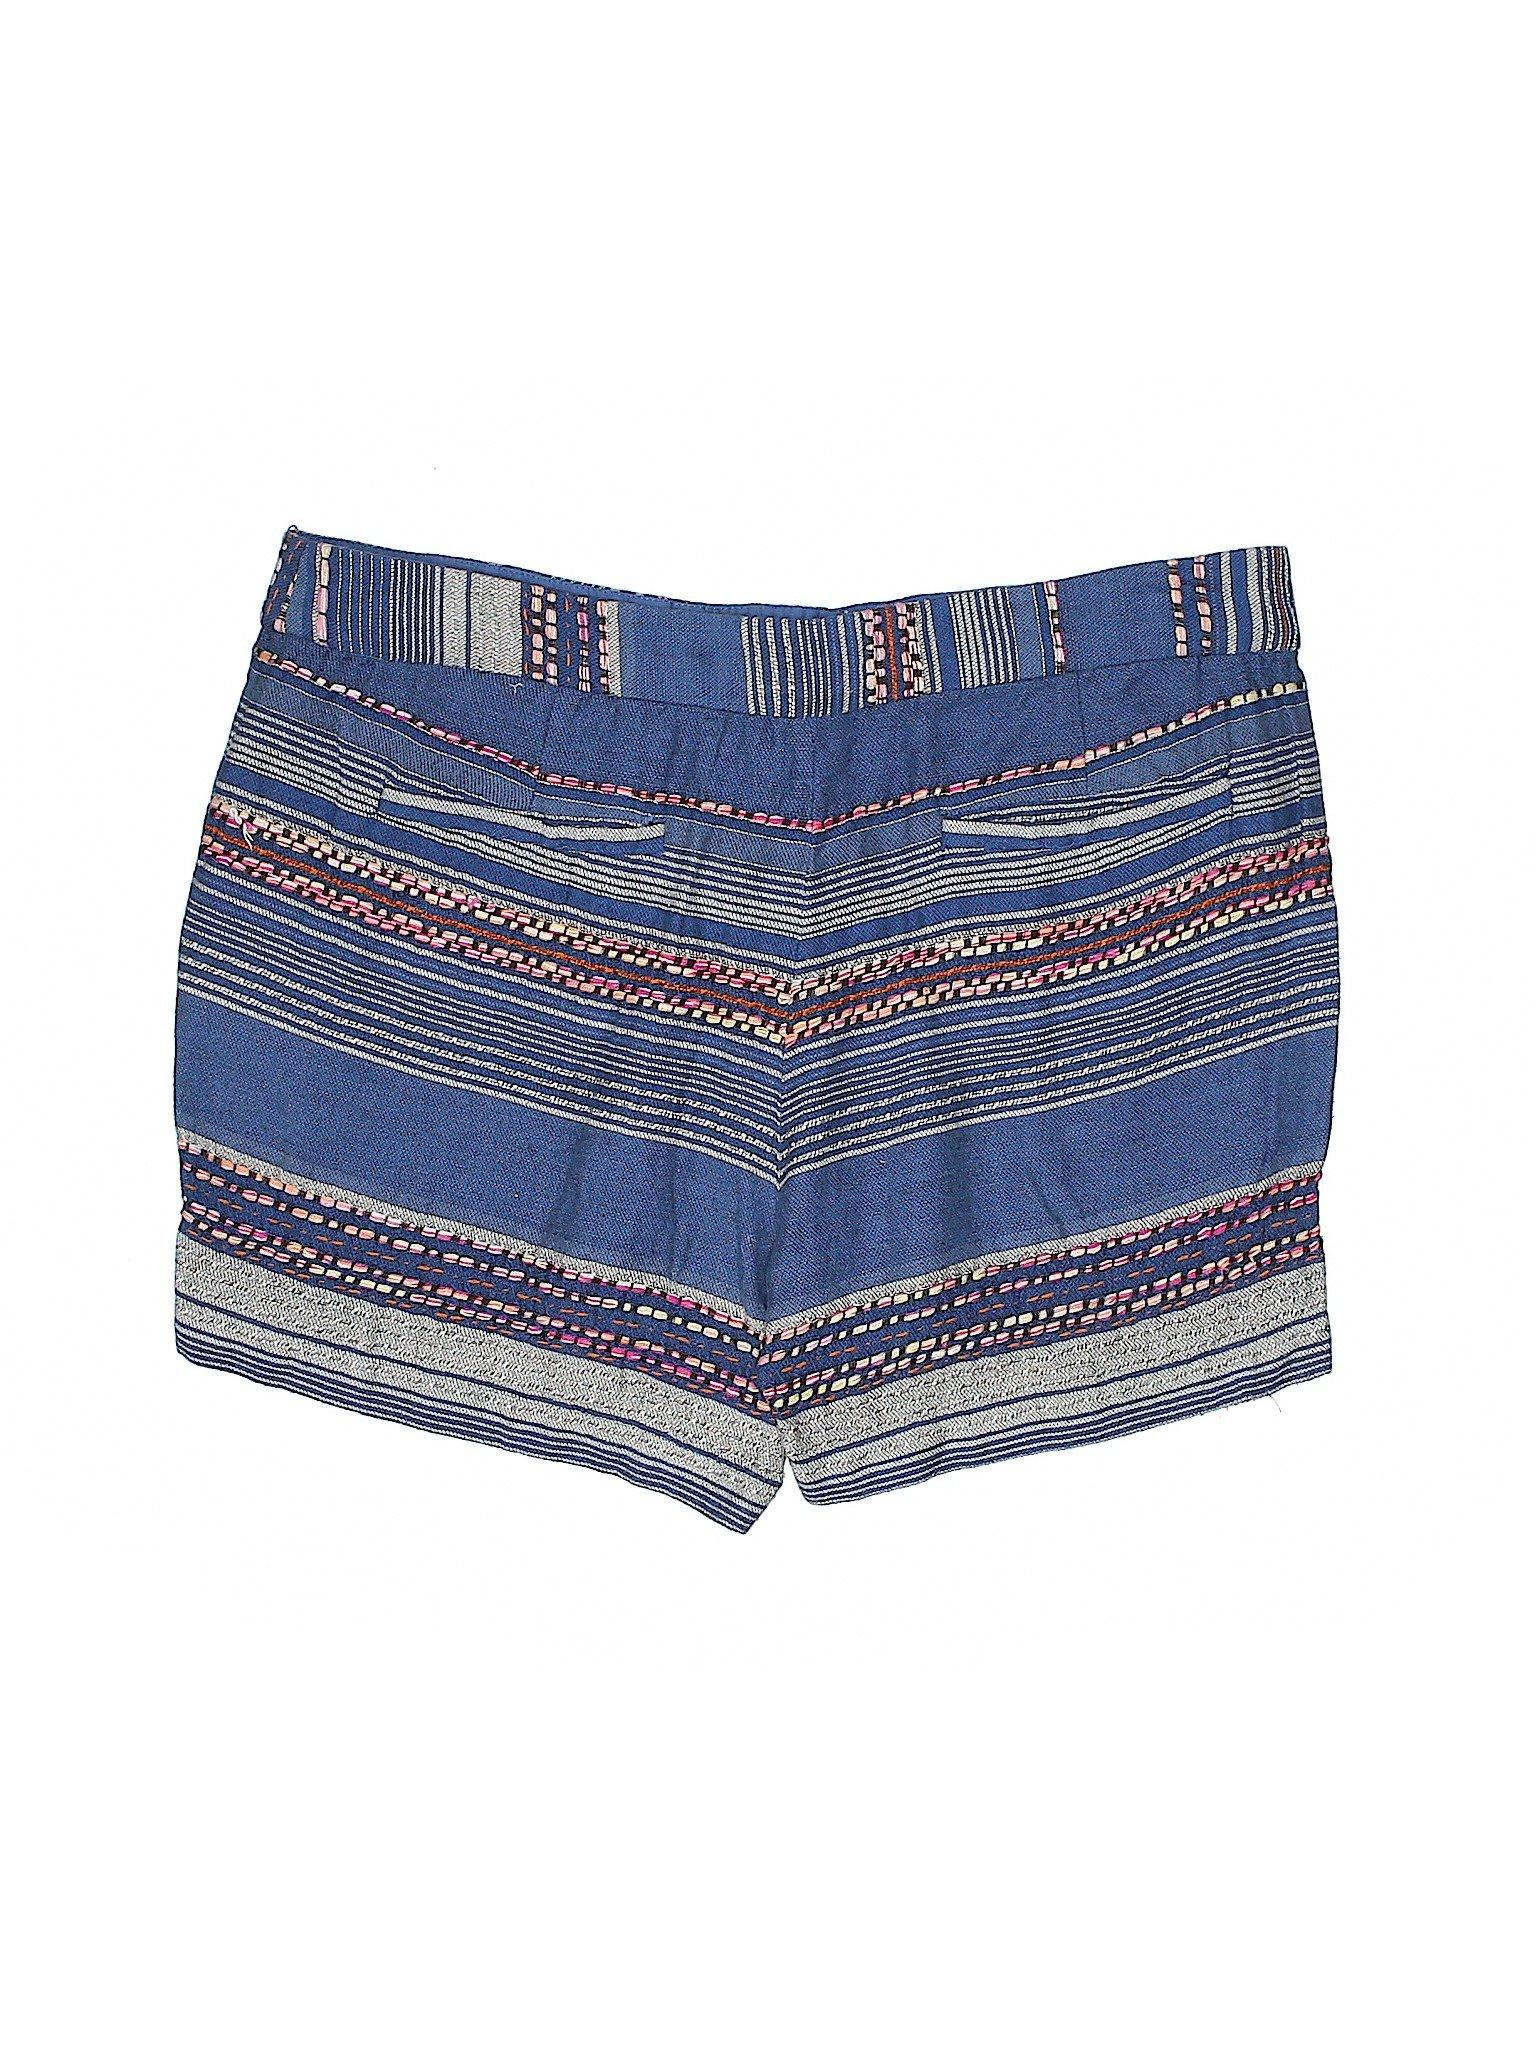 fleur bleue winter Shorts Boutique Khaki BXUHq